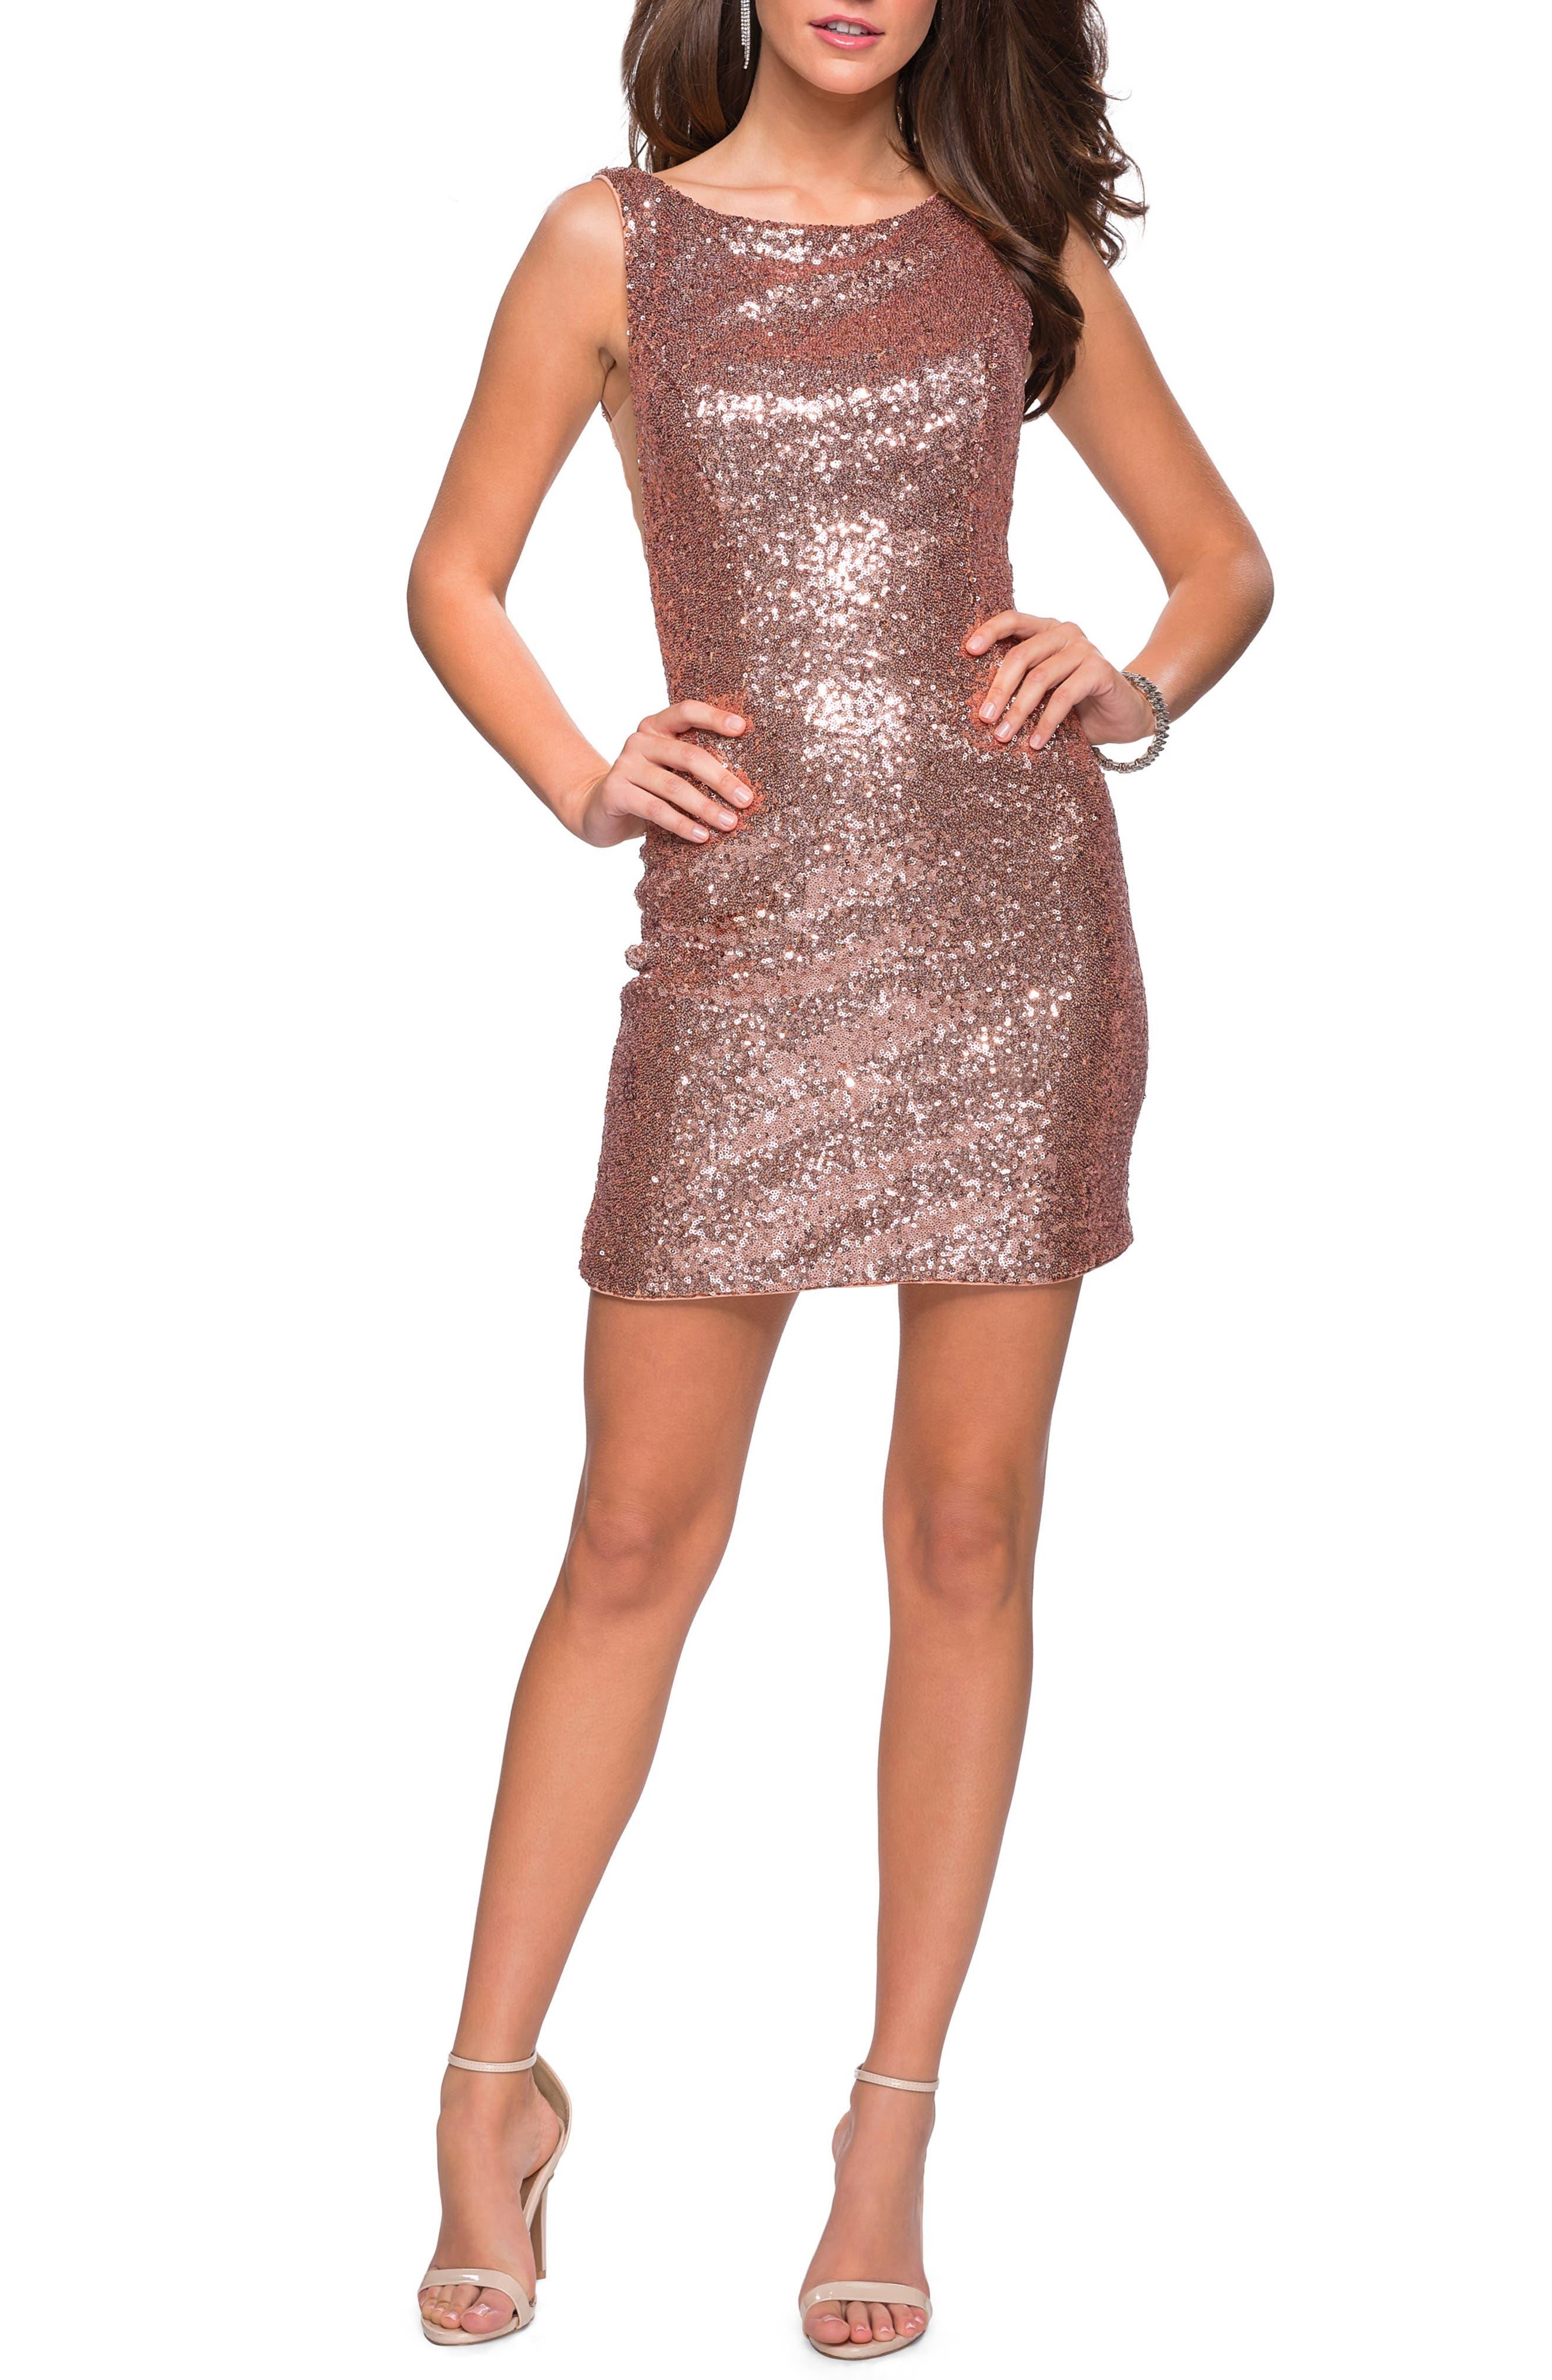 La Femme Sequin Party Sheath, Pink